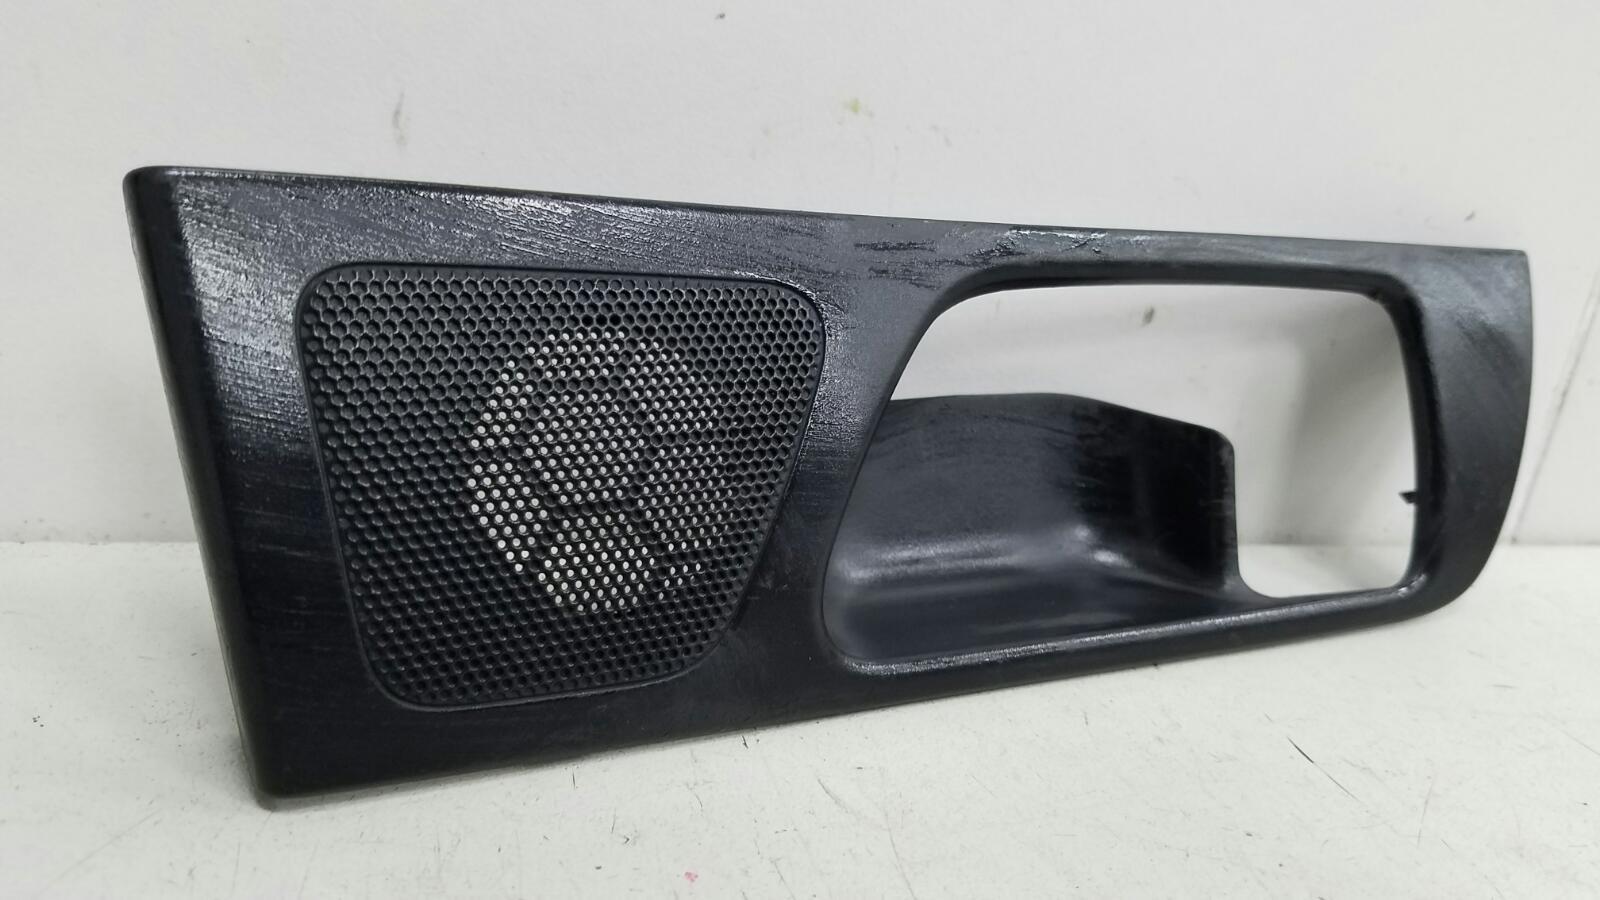 Накладка ручки двери внутренней Toyota Avensis 2 T250 1ZZ-FE 1.8Л 2008 задняя левая